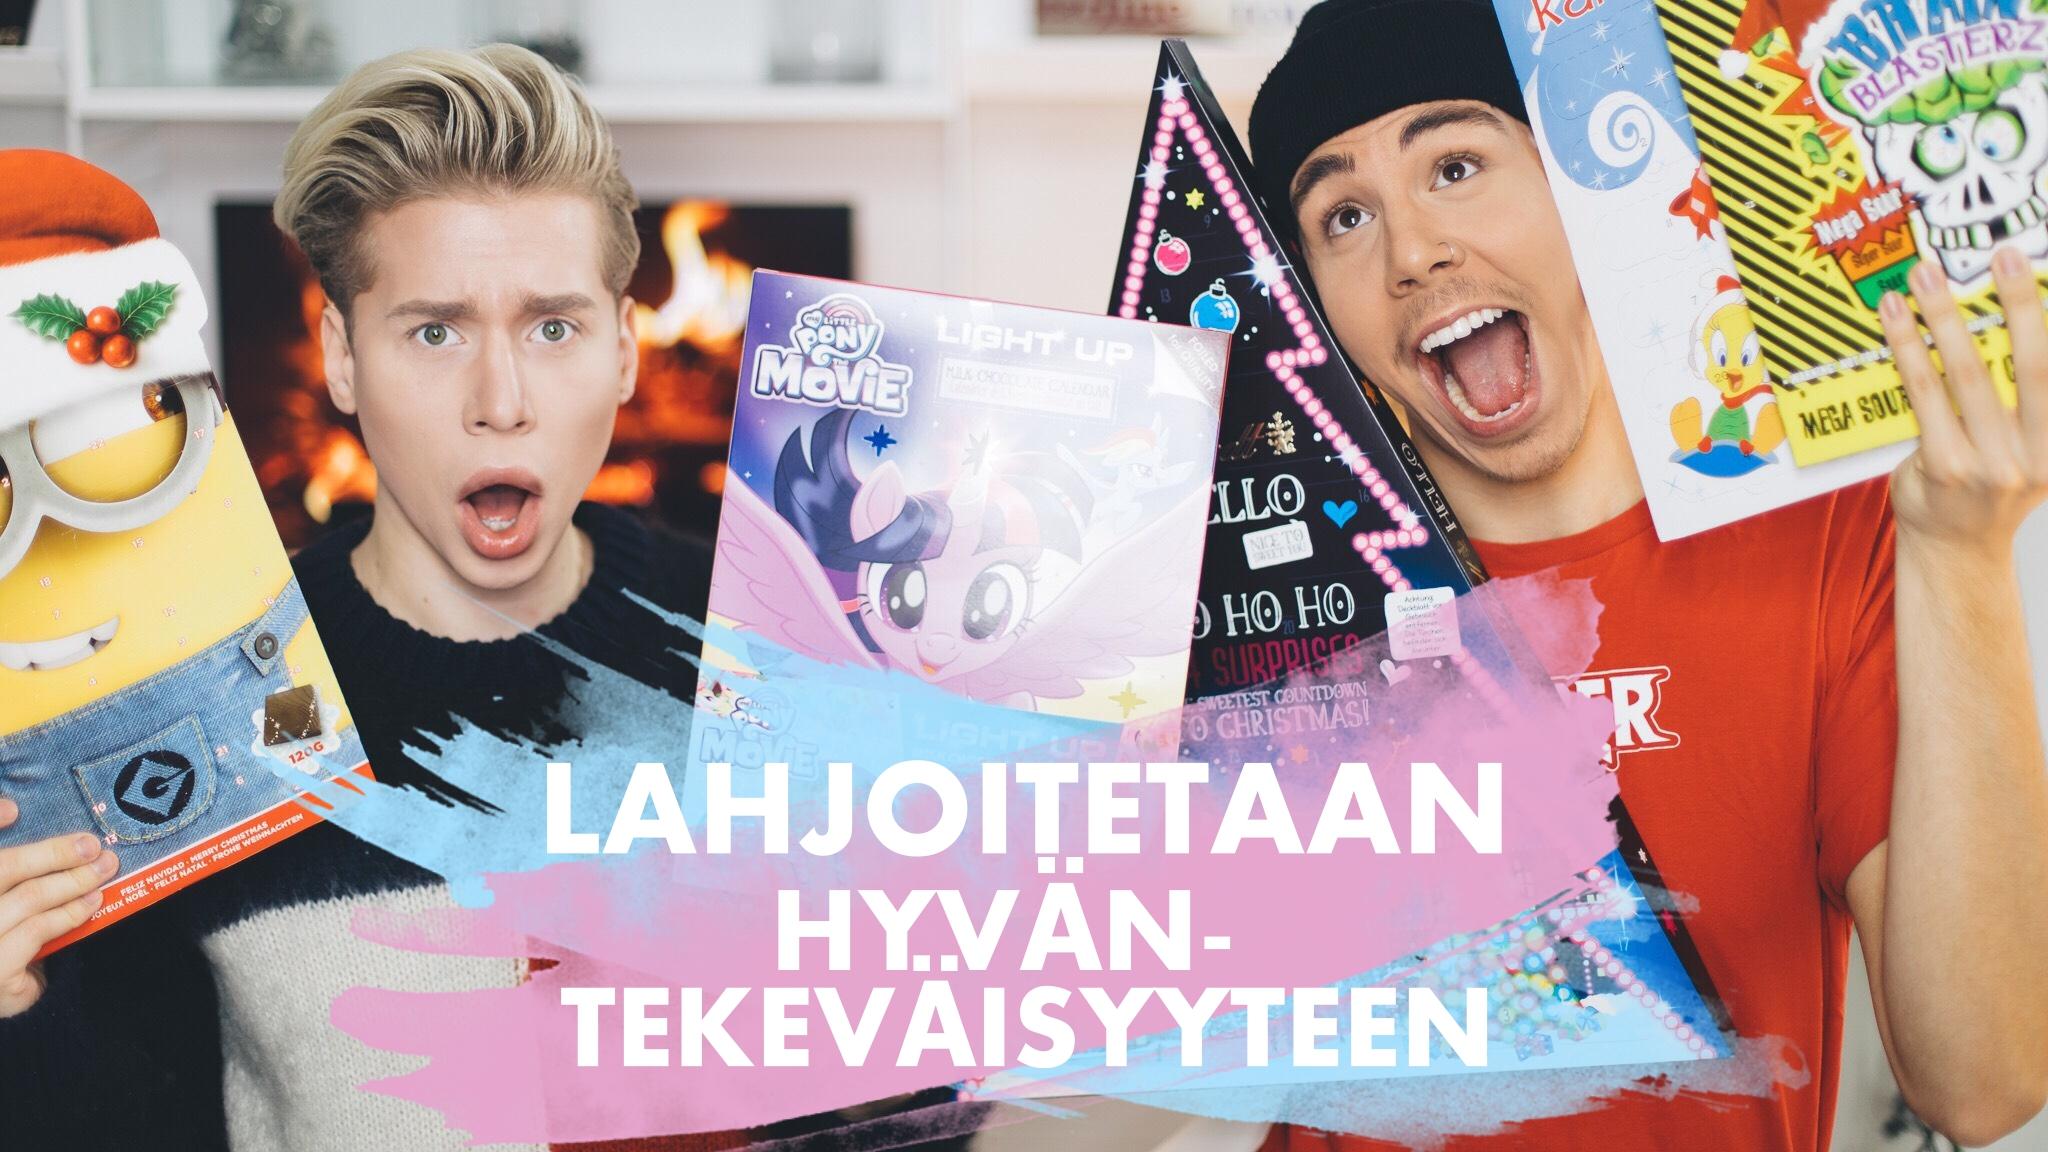 naag joulukalenteri 2018 VIDEO: TESTISSÄ JOULUKALENTERIT 2017 / JOULUKALENTERI TULEE   naaG naag joulukalenteri 2018